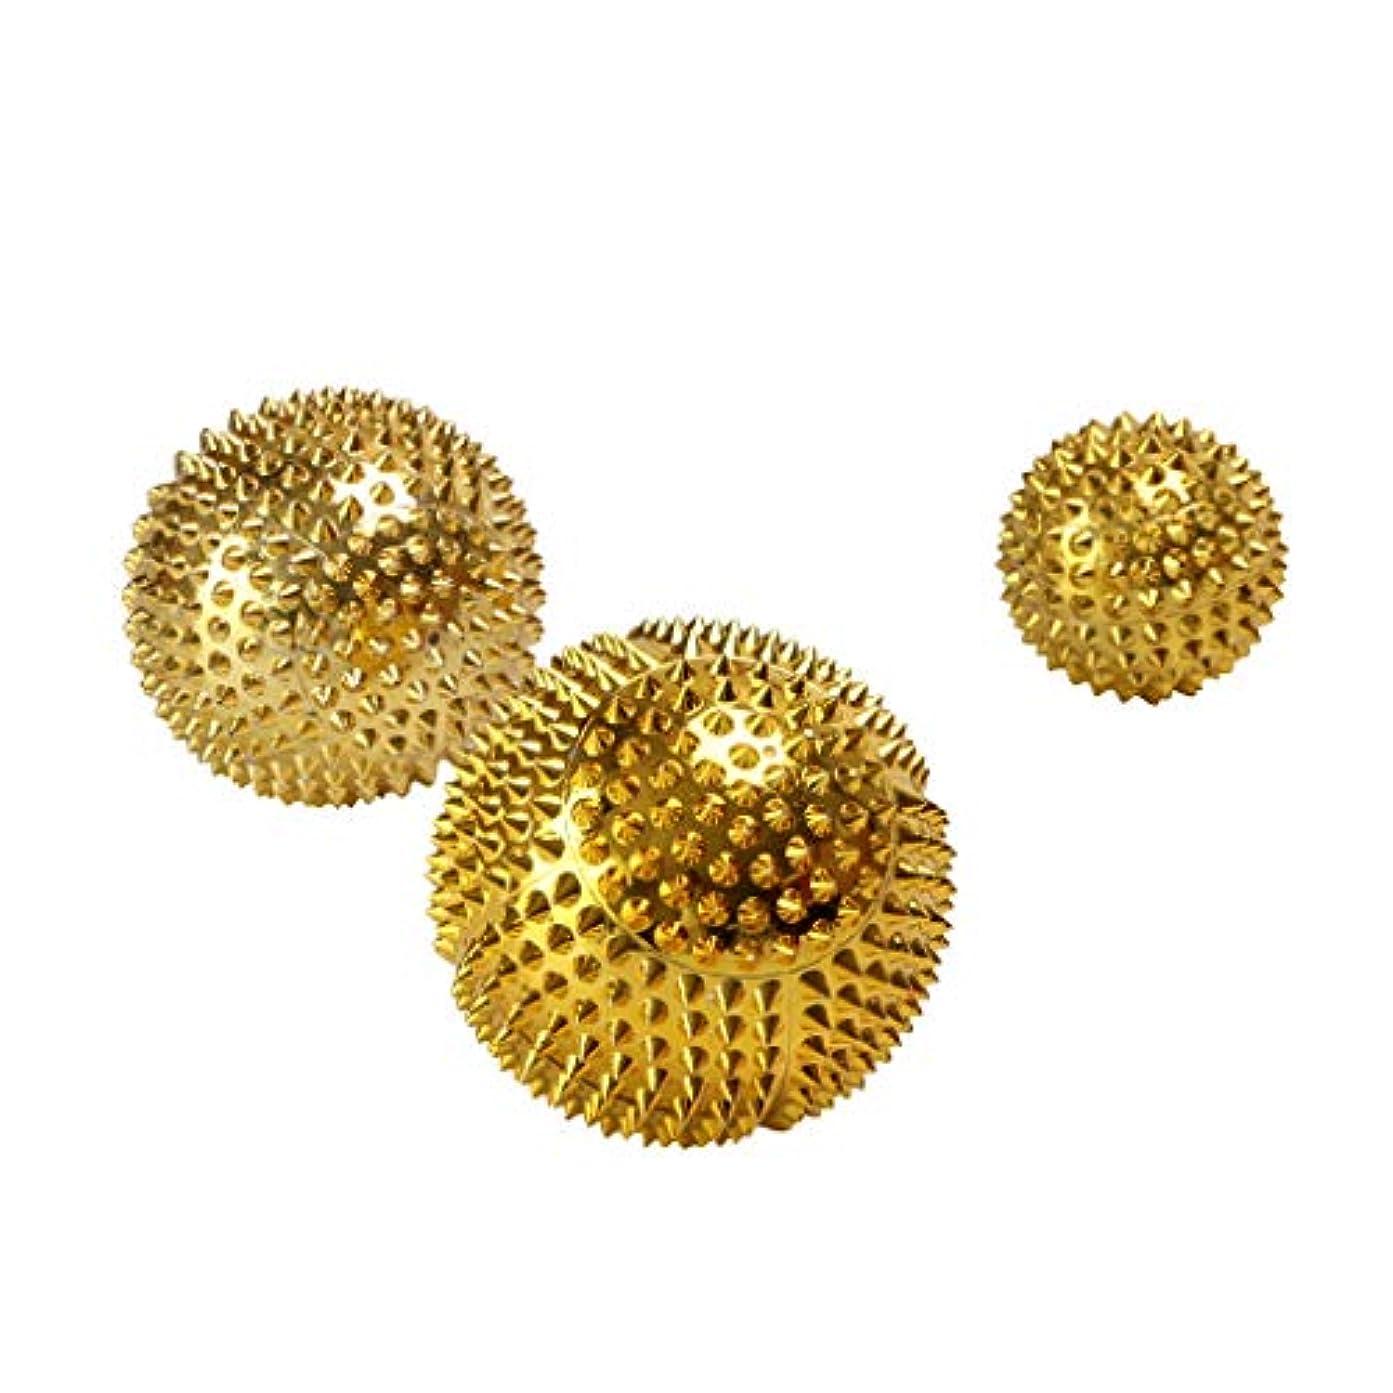 やりすぎレジデンス確保する3pcs Palms Foot Massage Tool Body Acupressure Spiky Plantar Fasciitis Massage Balls 3.2 Cm + 4.5 Cm + 5.6 Cm Gold/Ser - ゴールド